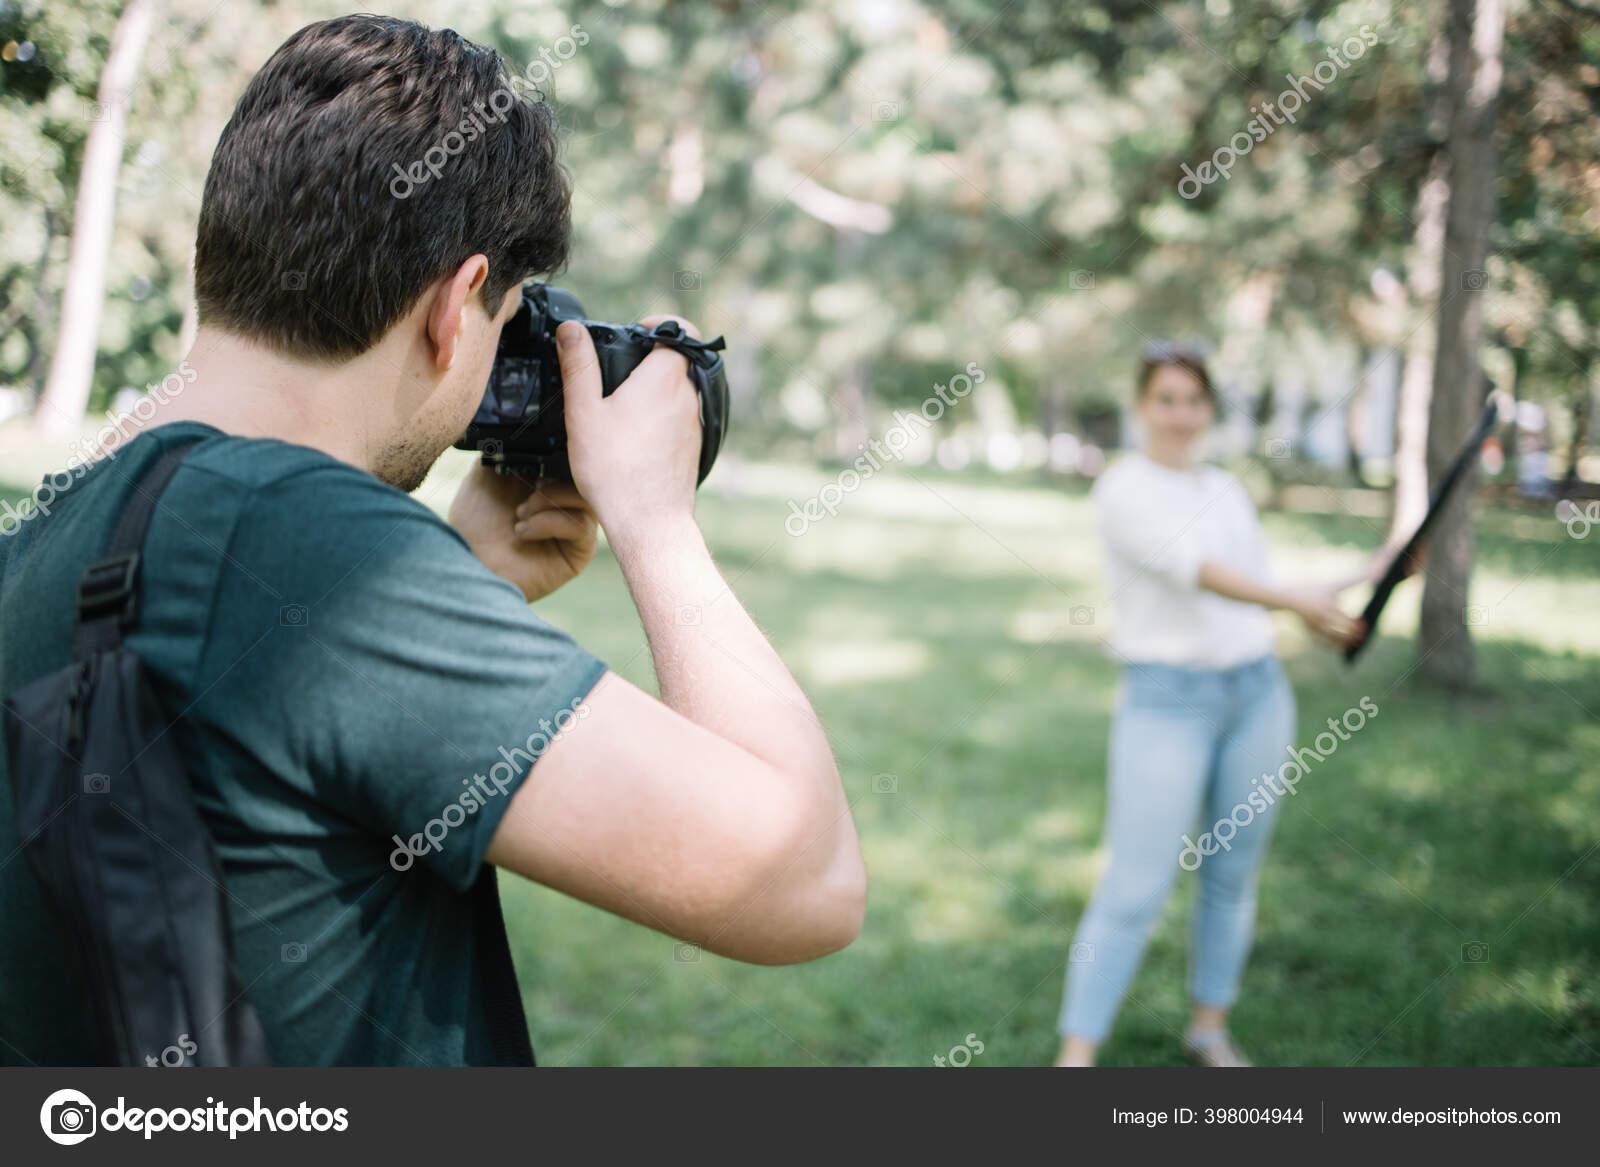 камера стала нечетко фотографировать как свадебному